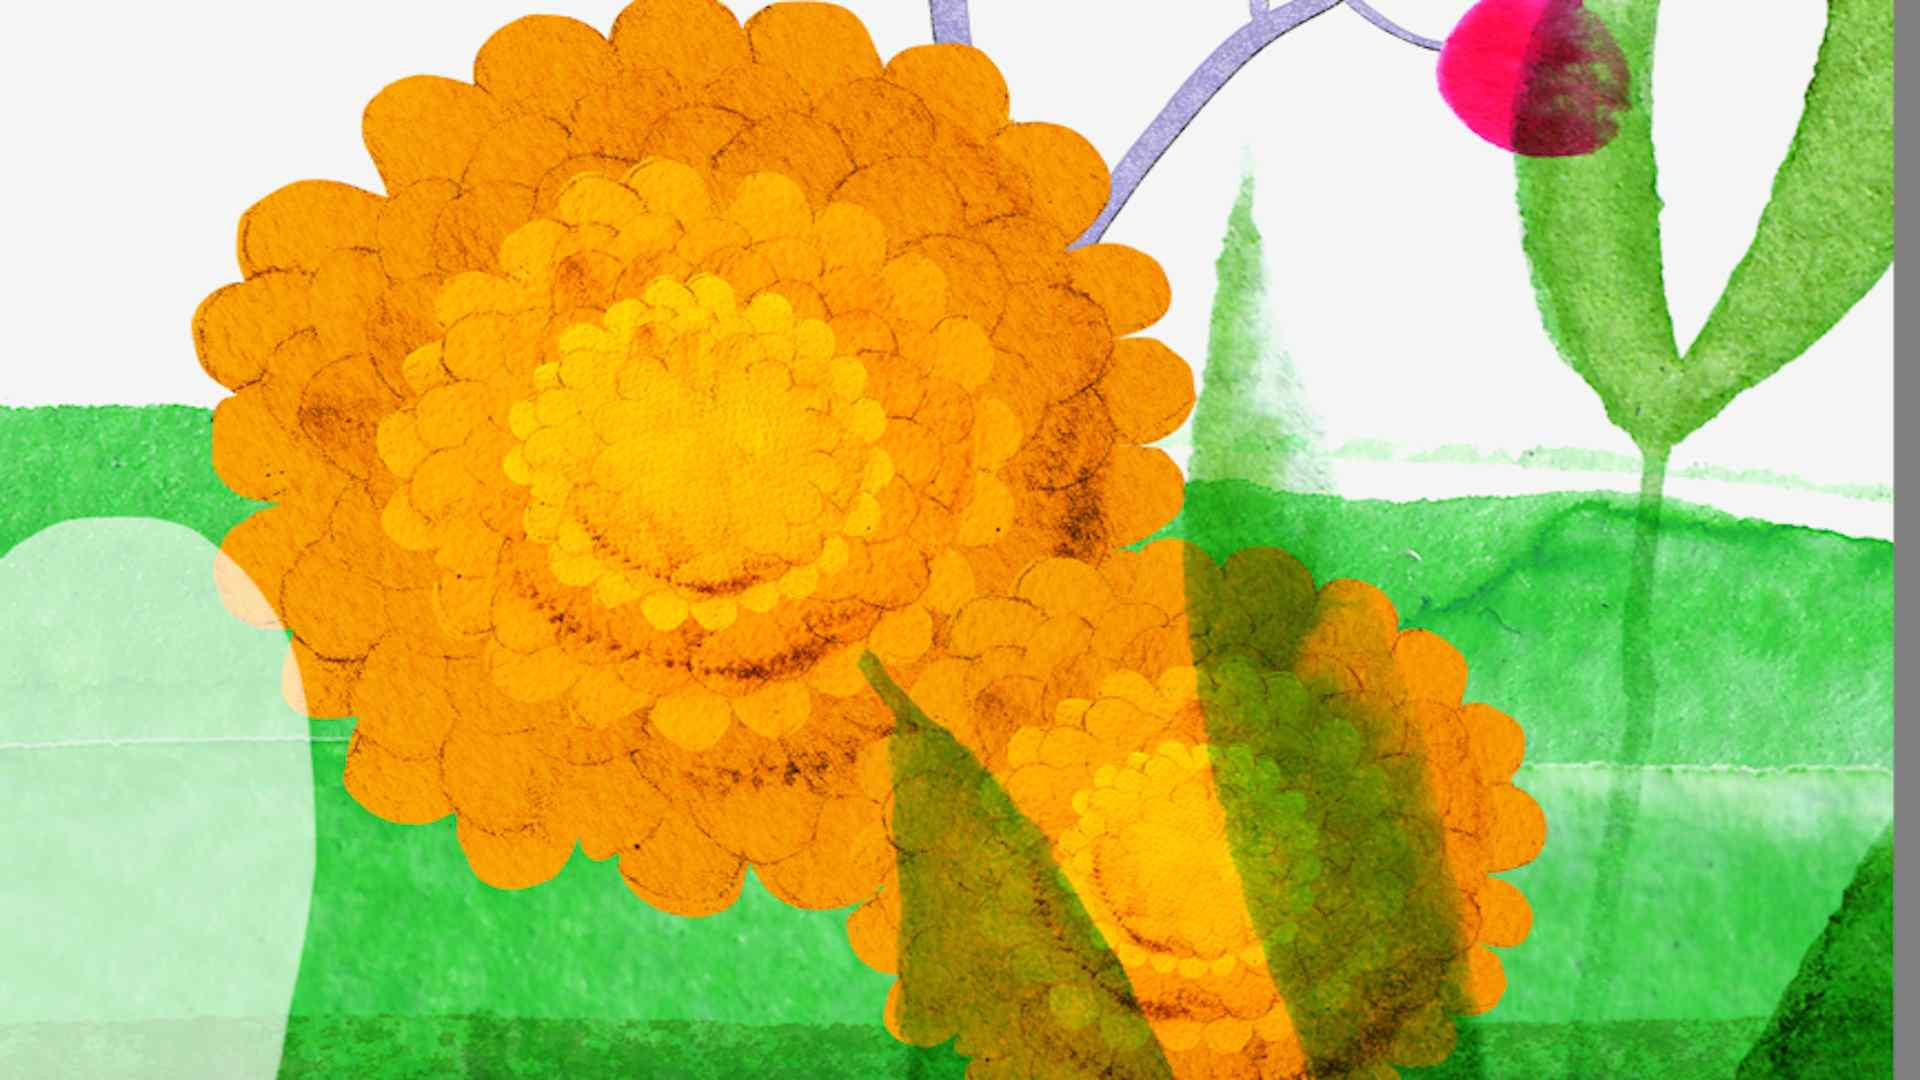 Let's_Play_ilustration_bckgr1.jpg